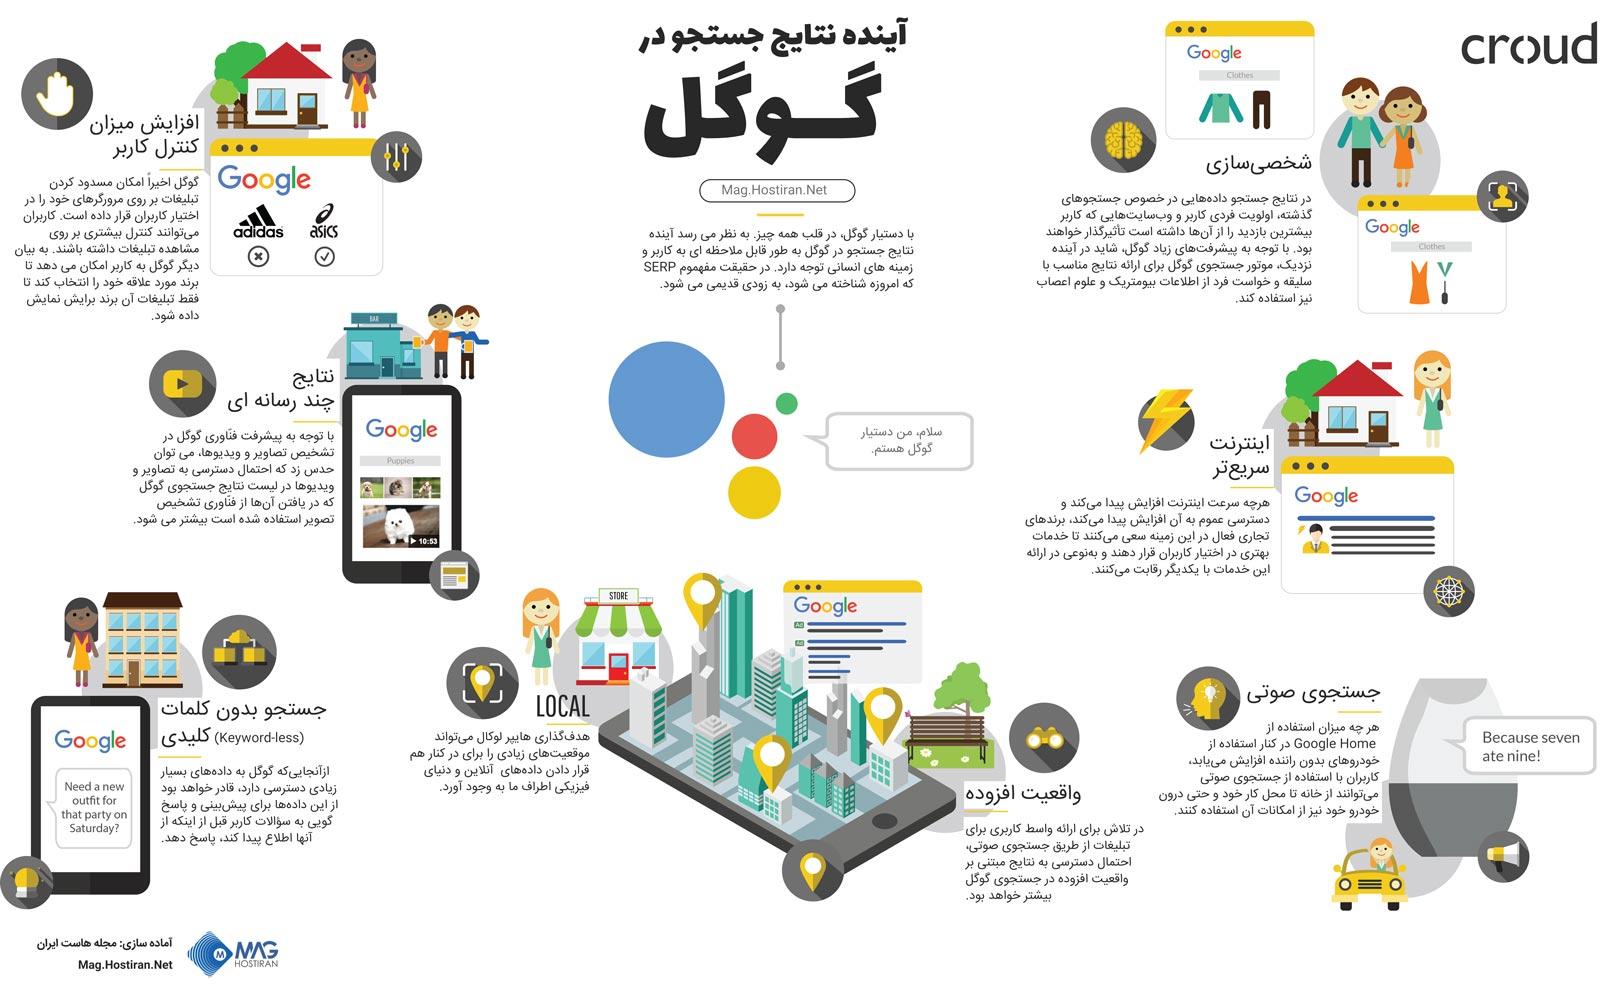 اینفوگرافیک آینده نتایج جستجو در گوگل